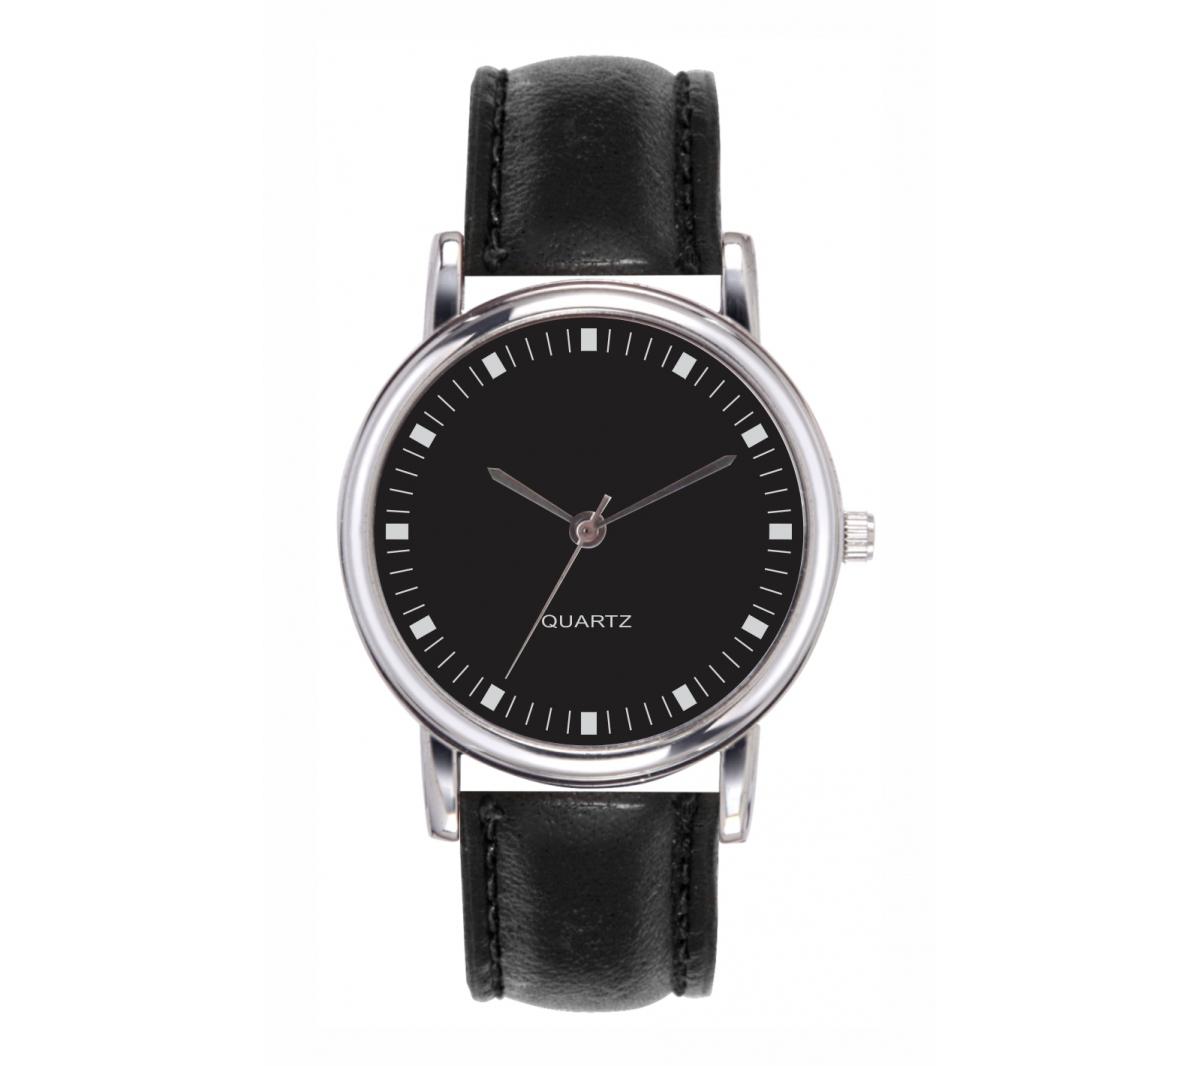 3dfecfaf851 Brinde relógio de pulso masculino FBRM-C40B - Flic Brindes